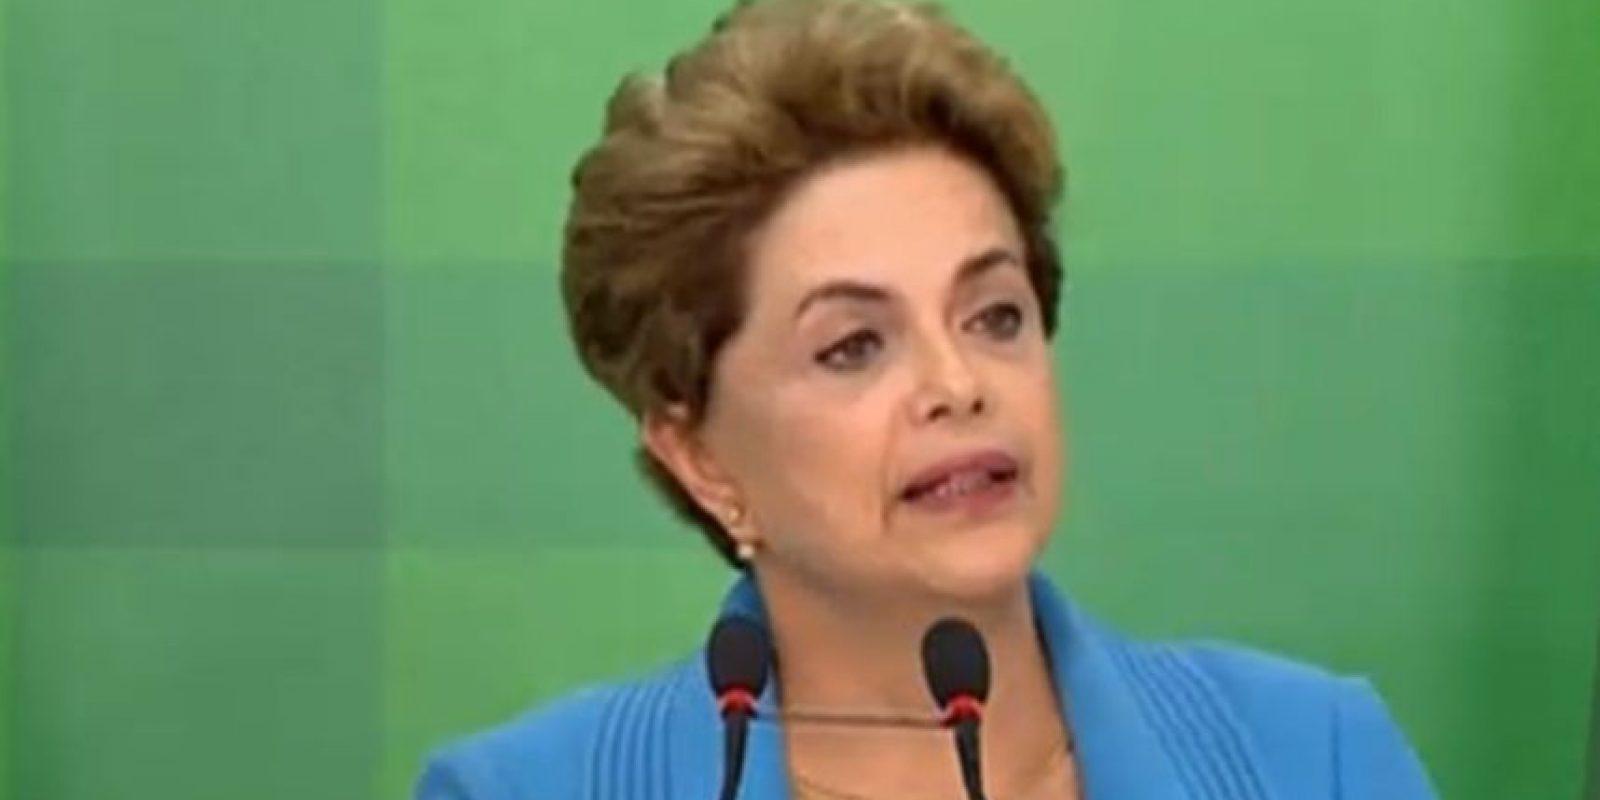 La presidenta lamenta el proceso en su contra. Foto:Tele Sur